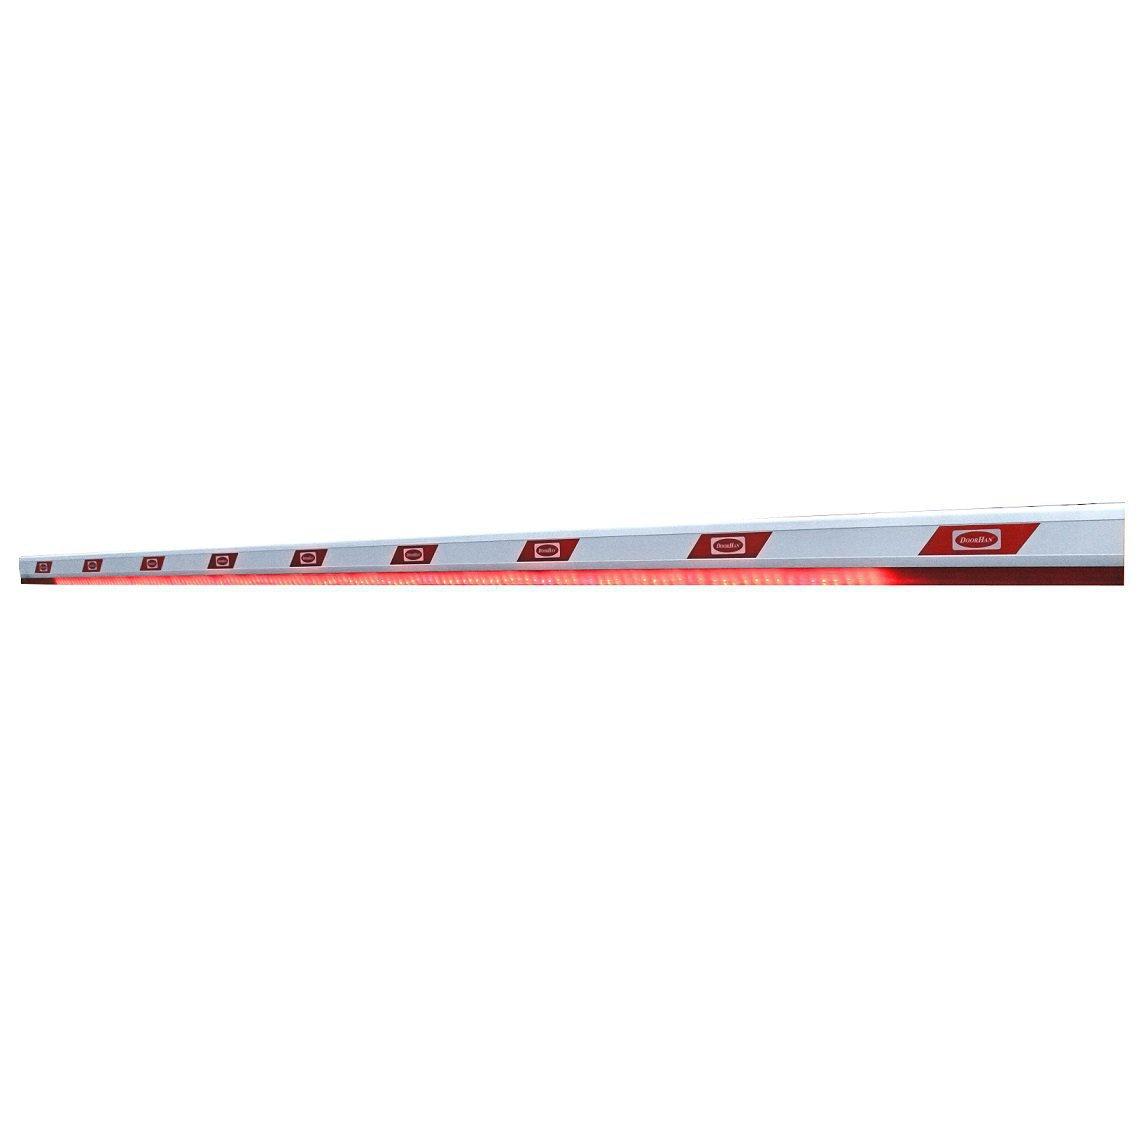 Стрела алюминиевая для шлагбаума BARRIER (DOORHAN) c подсветкой